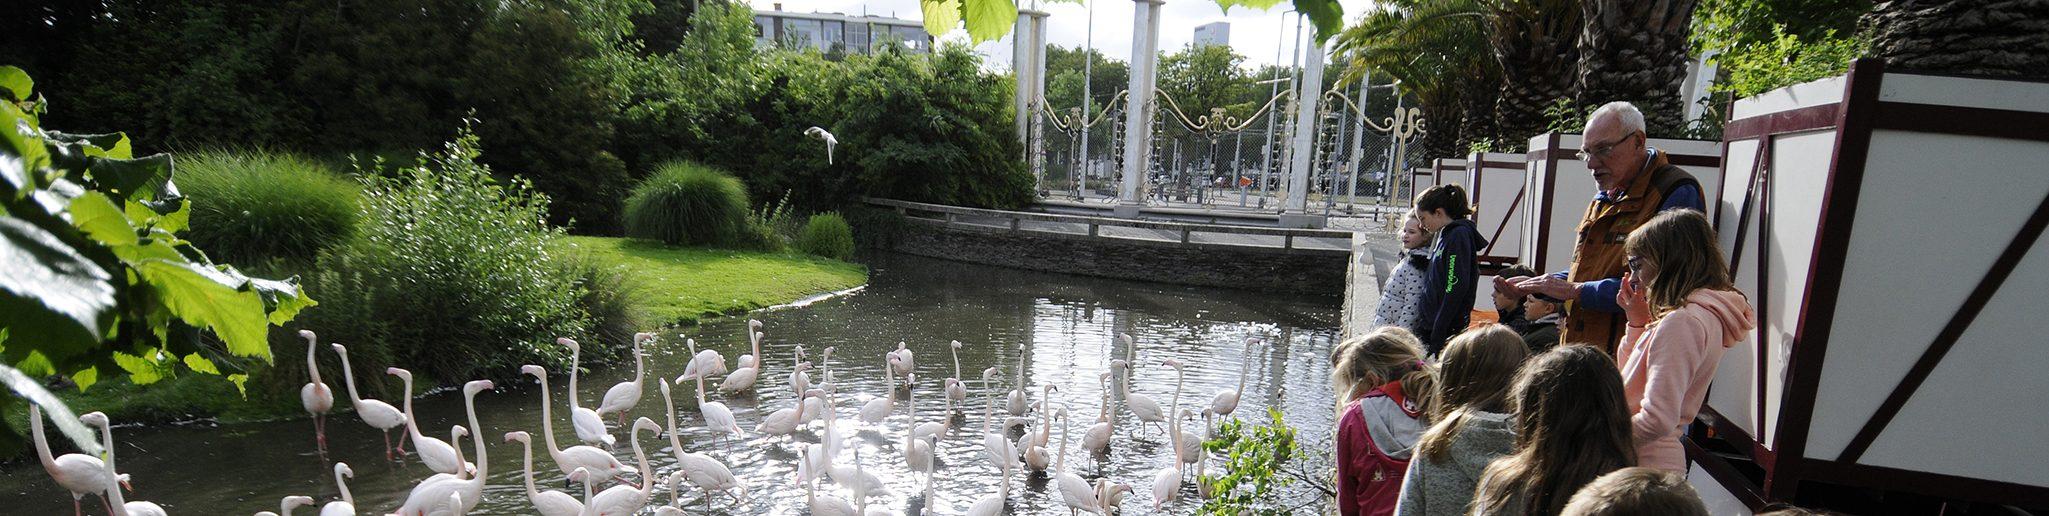 rondleiding van kinderen bij flamingo's